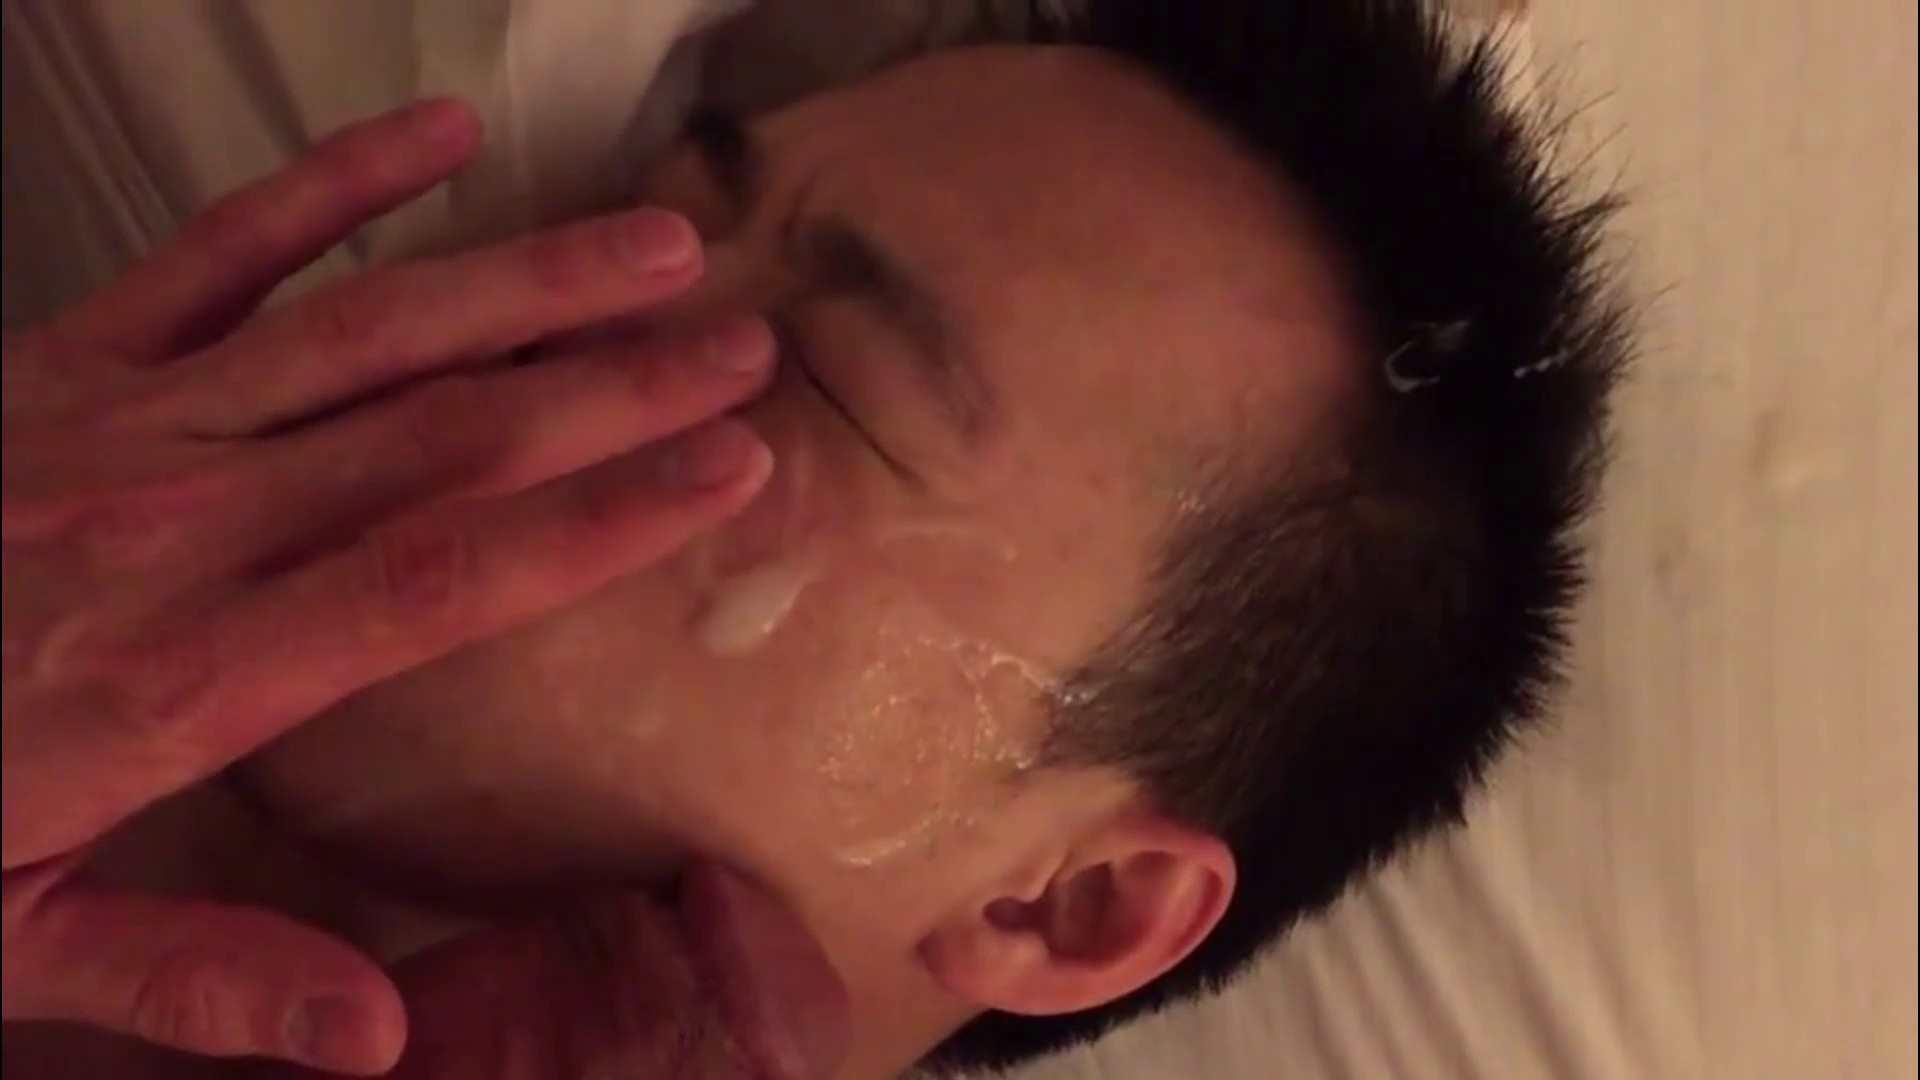 エロいフェラシーンをピックアップvol43 エロ特集 ゲイアダルトビデオ画像 108pic 14